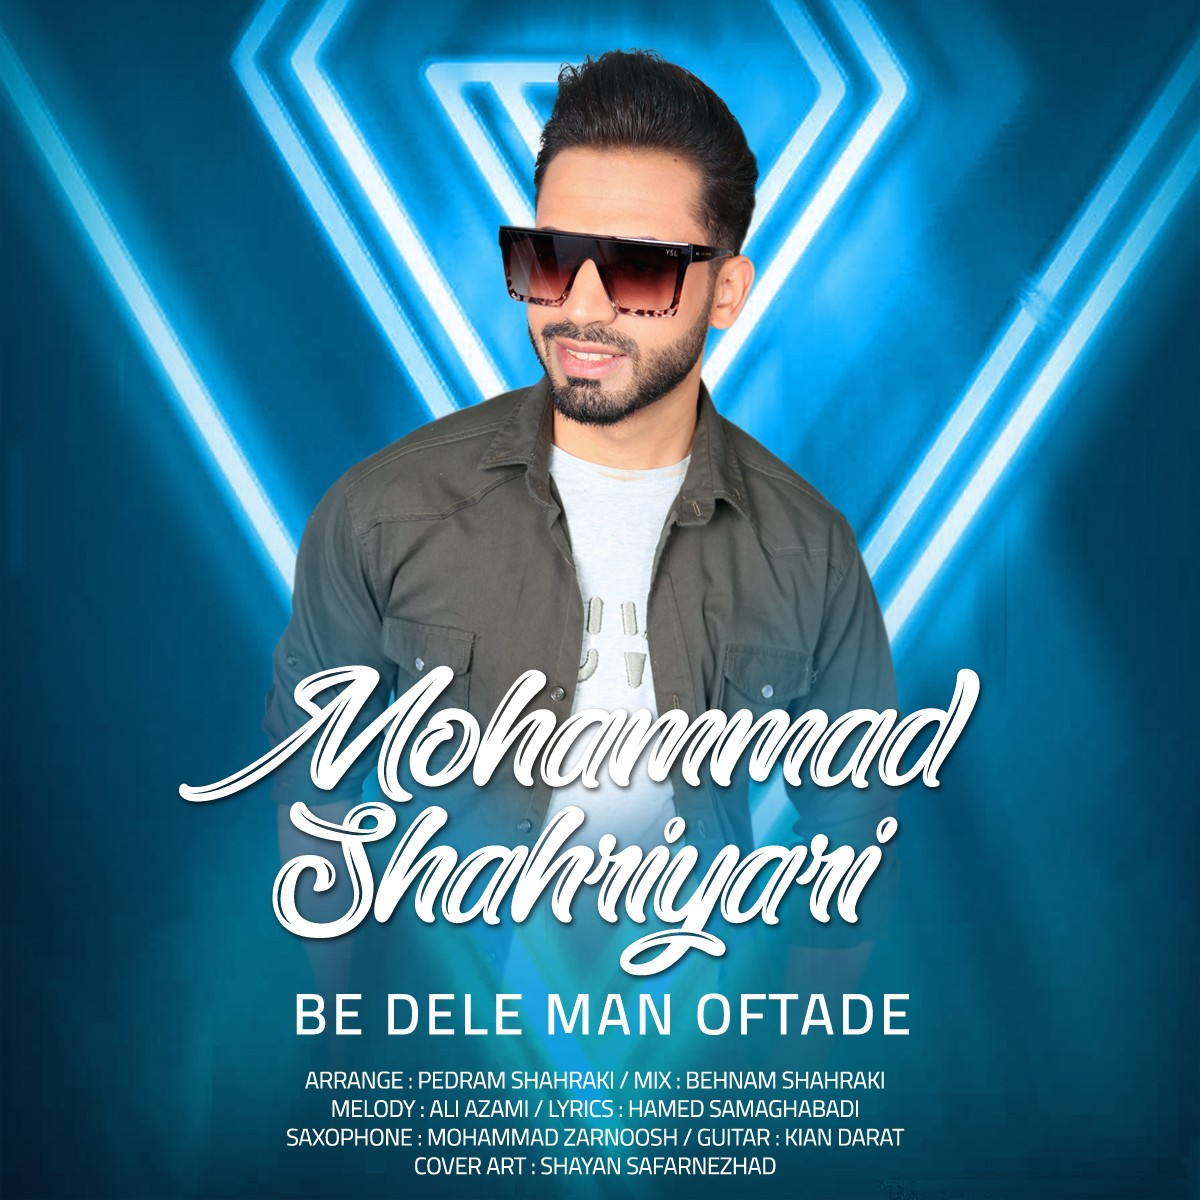 Mohammad Shahriyari – Be Dele Man Oftade